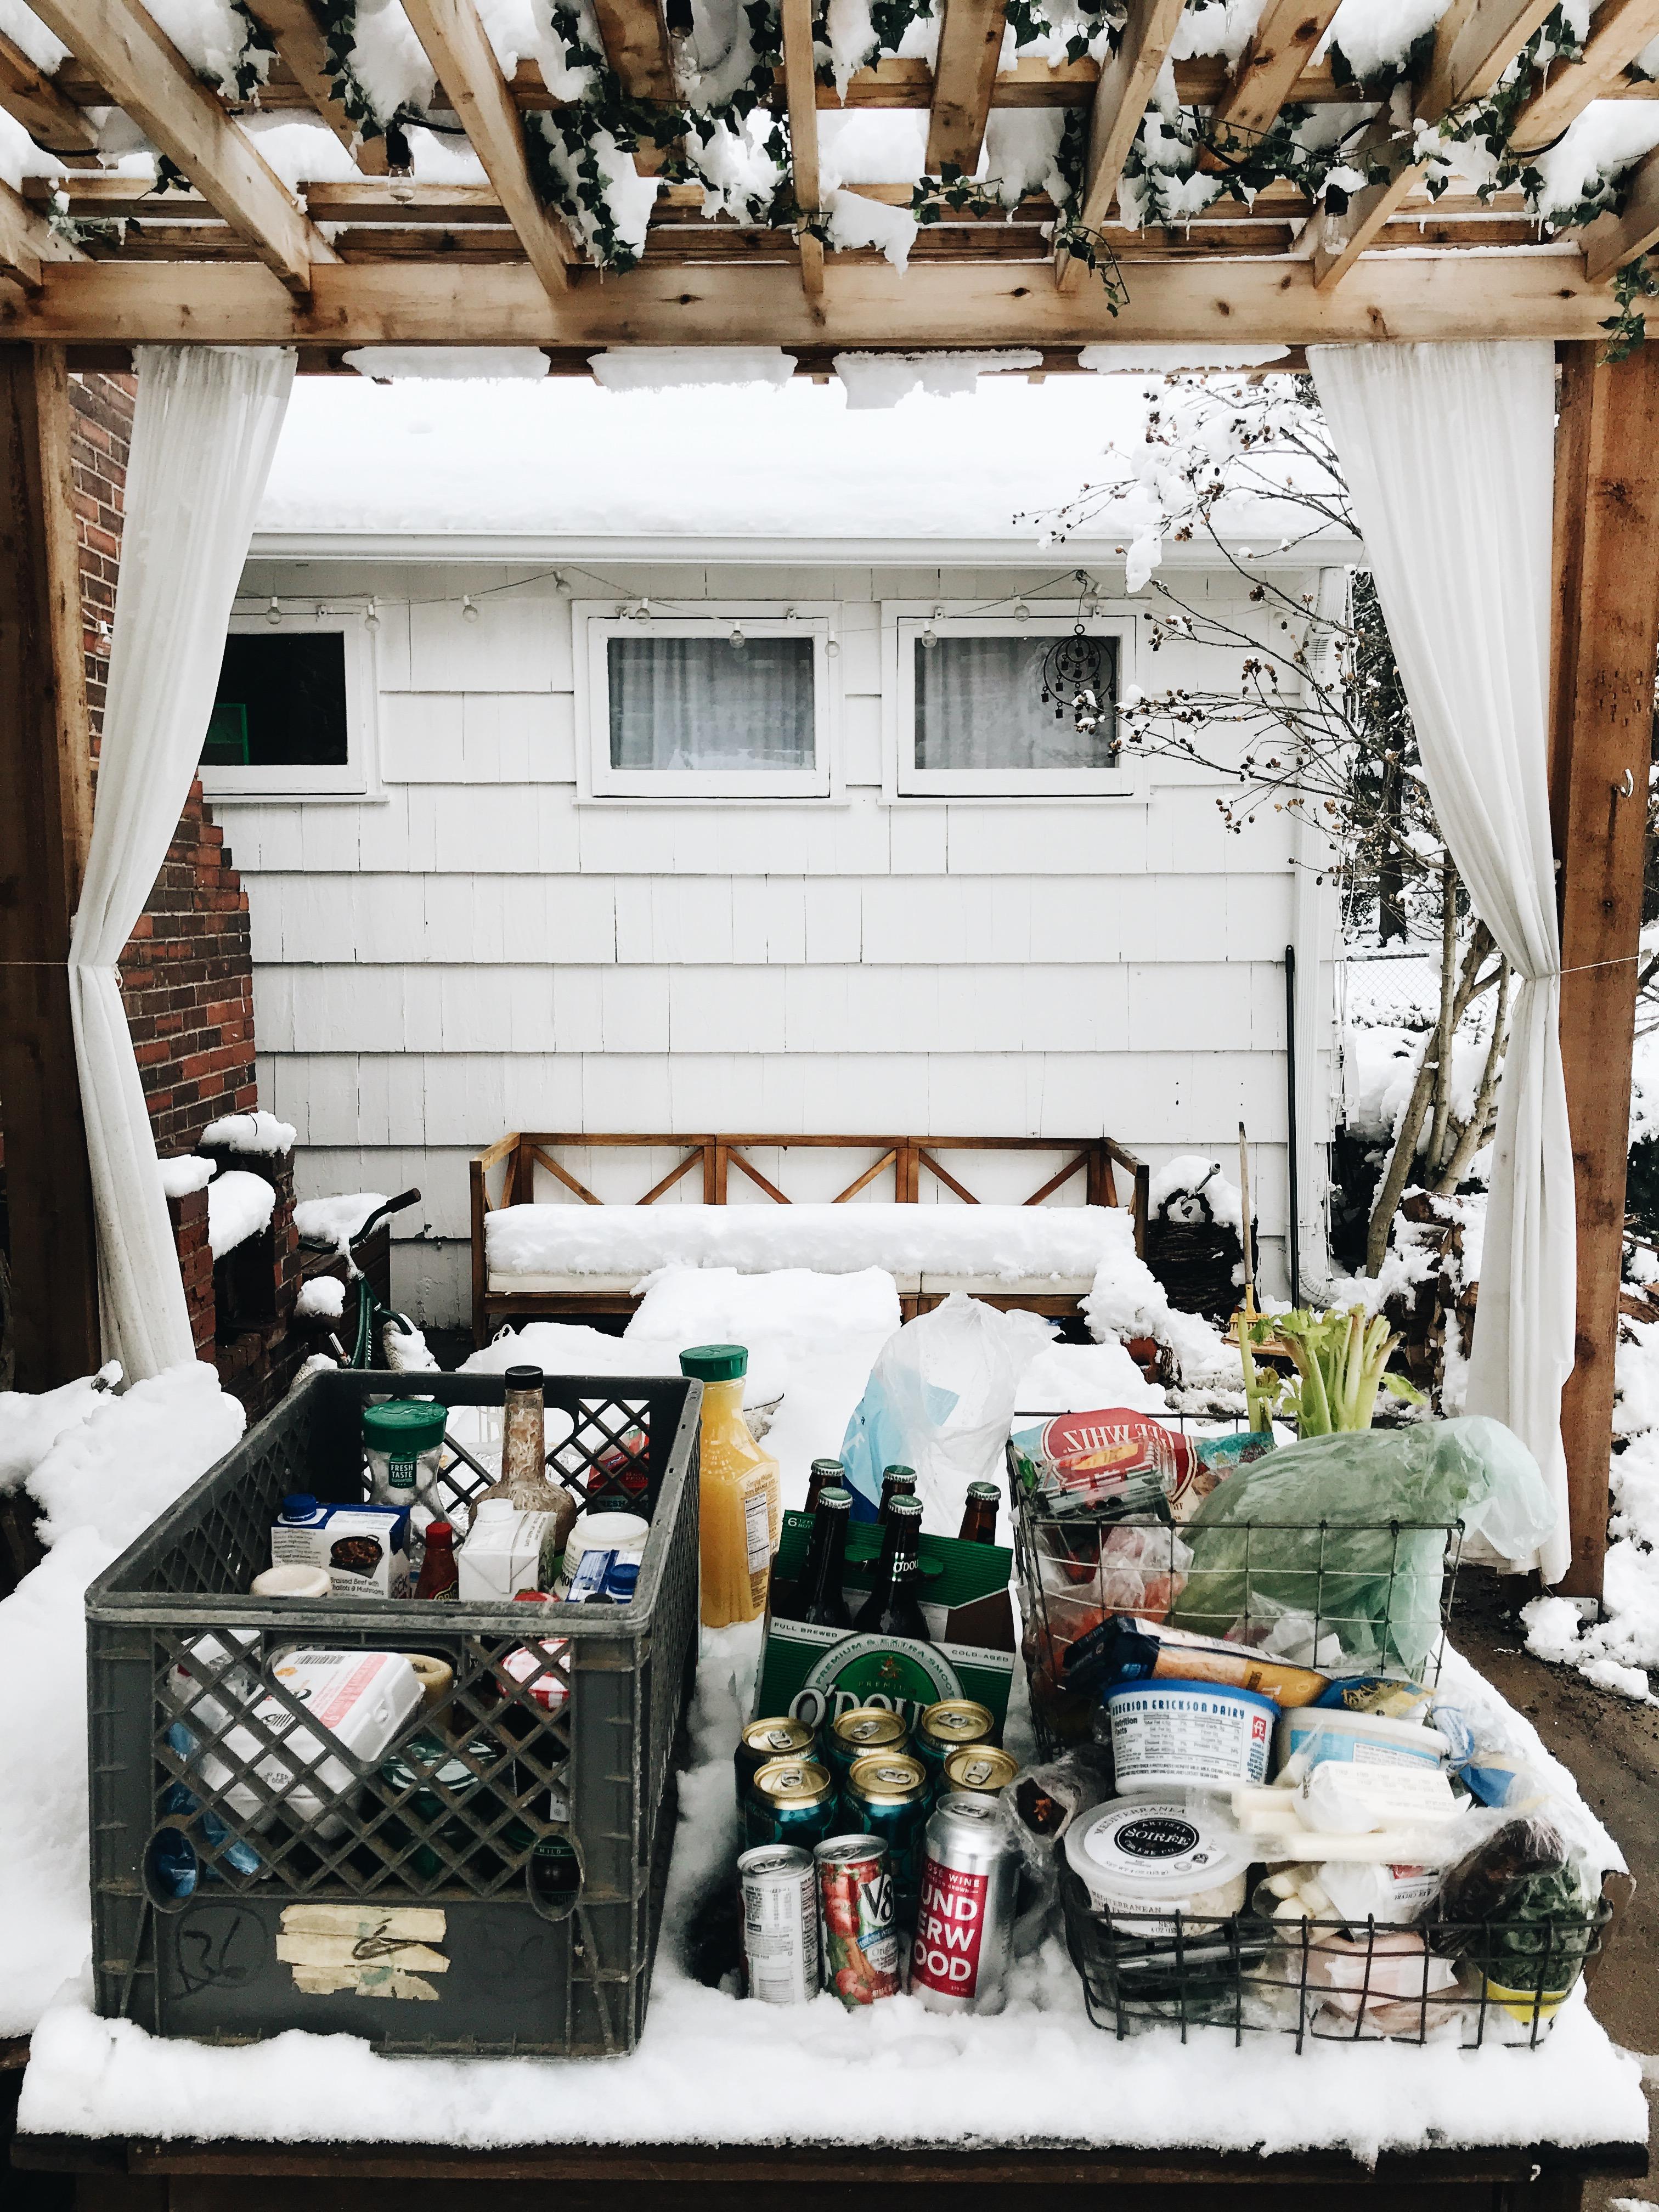 outdoor fridge